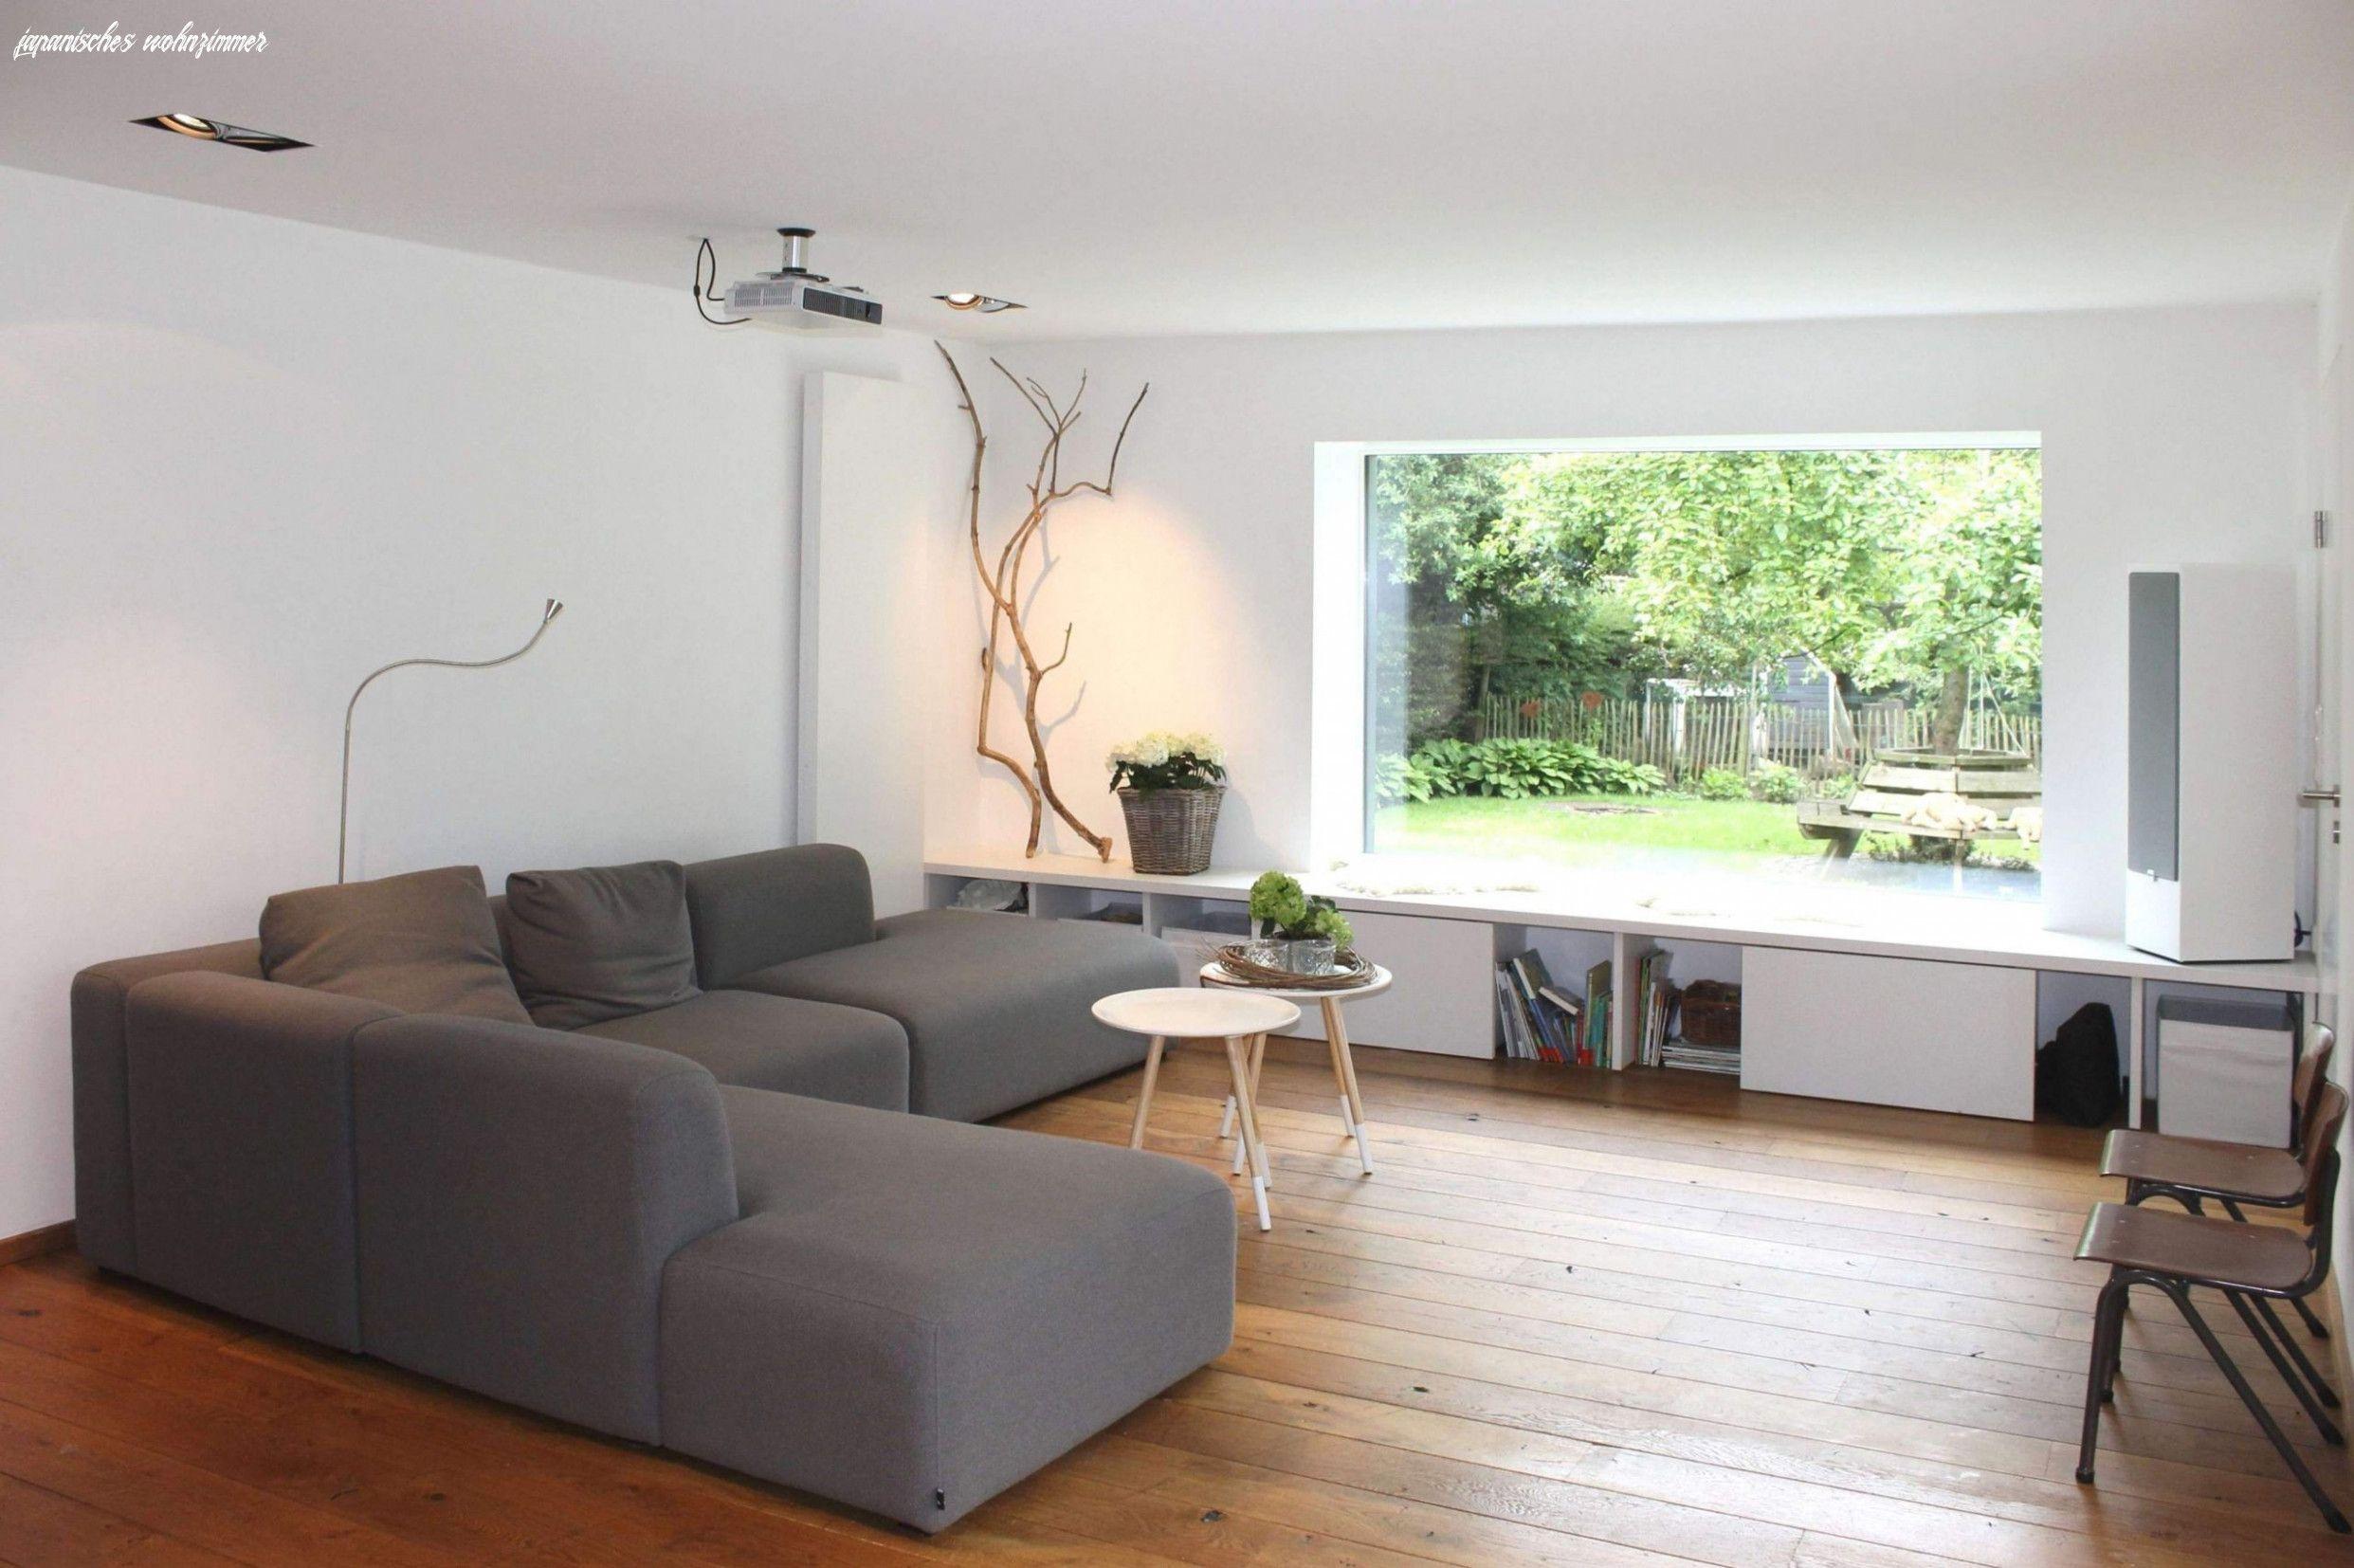 15 Unglaubliche Fakten über Das Japanische Wohnzimmer Wohnzimmer Einrichten Wohnzimmer Modern Wohnzimmer Design